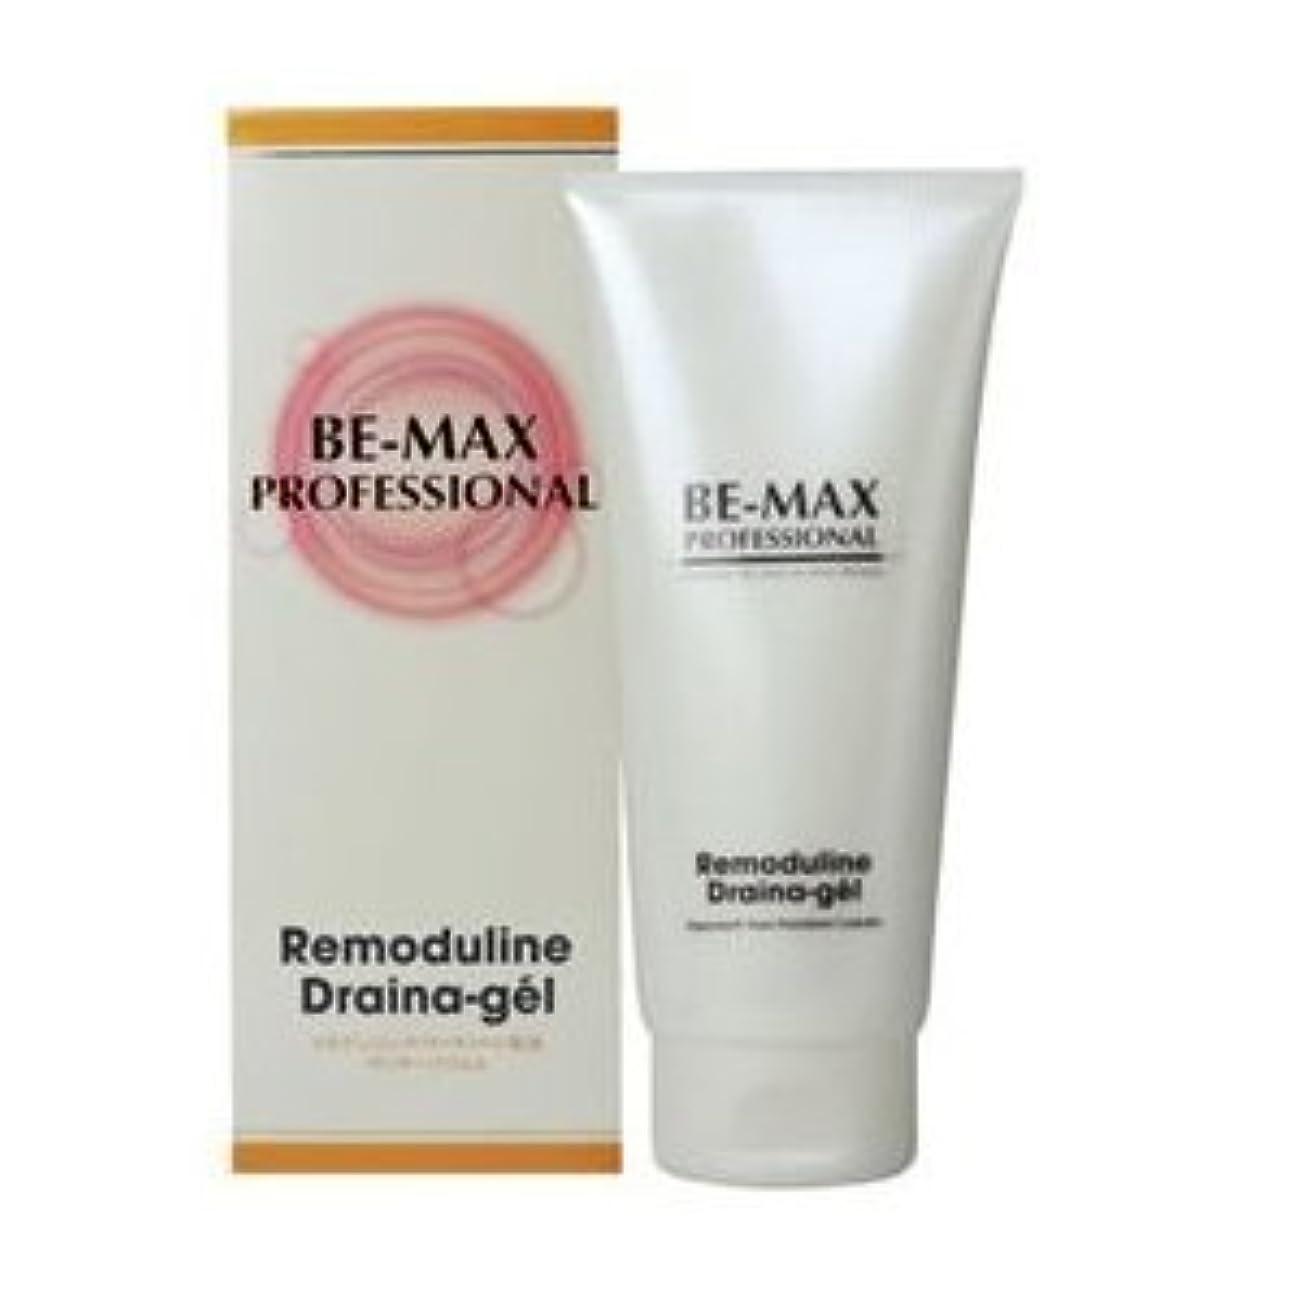 ブルジョン第トランスペアレントBE-MAX PROFESSIONAL Remoduline Draina-gel リモデュリンドレナージェル 200G